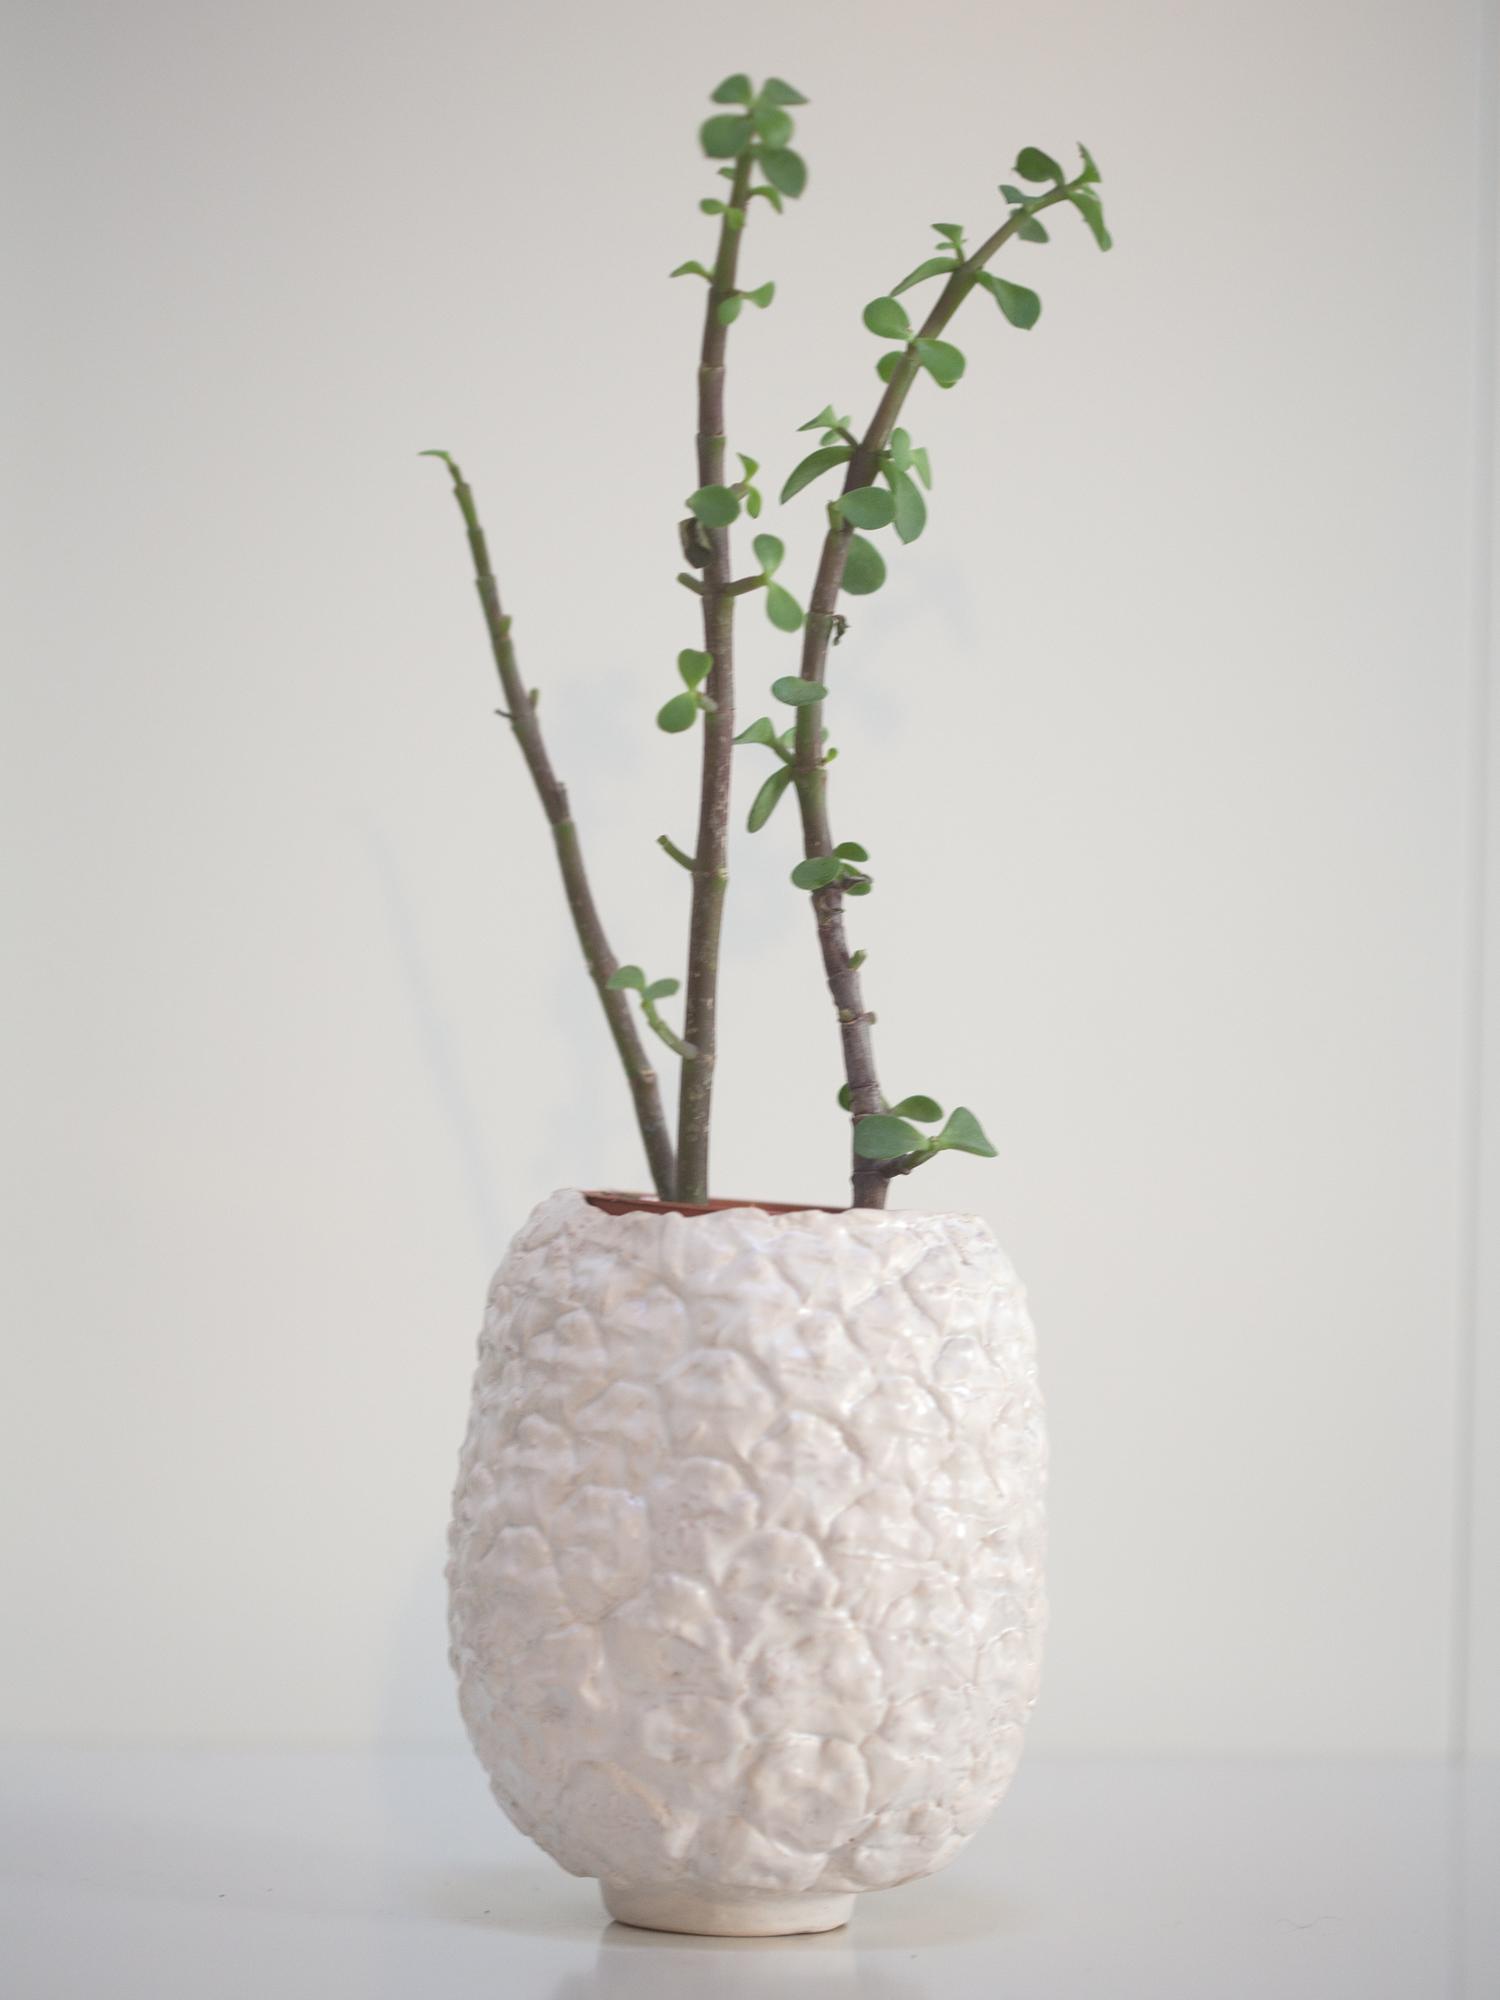 Immagine di vaso a forma di ananas di colore bianco realizzato in ceramica.